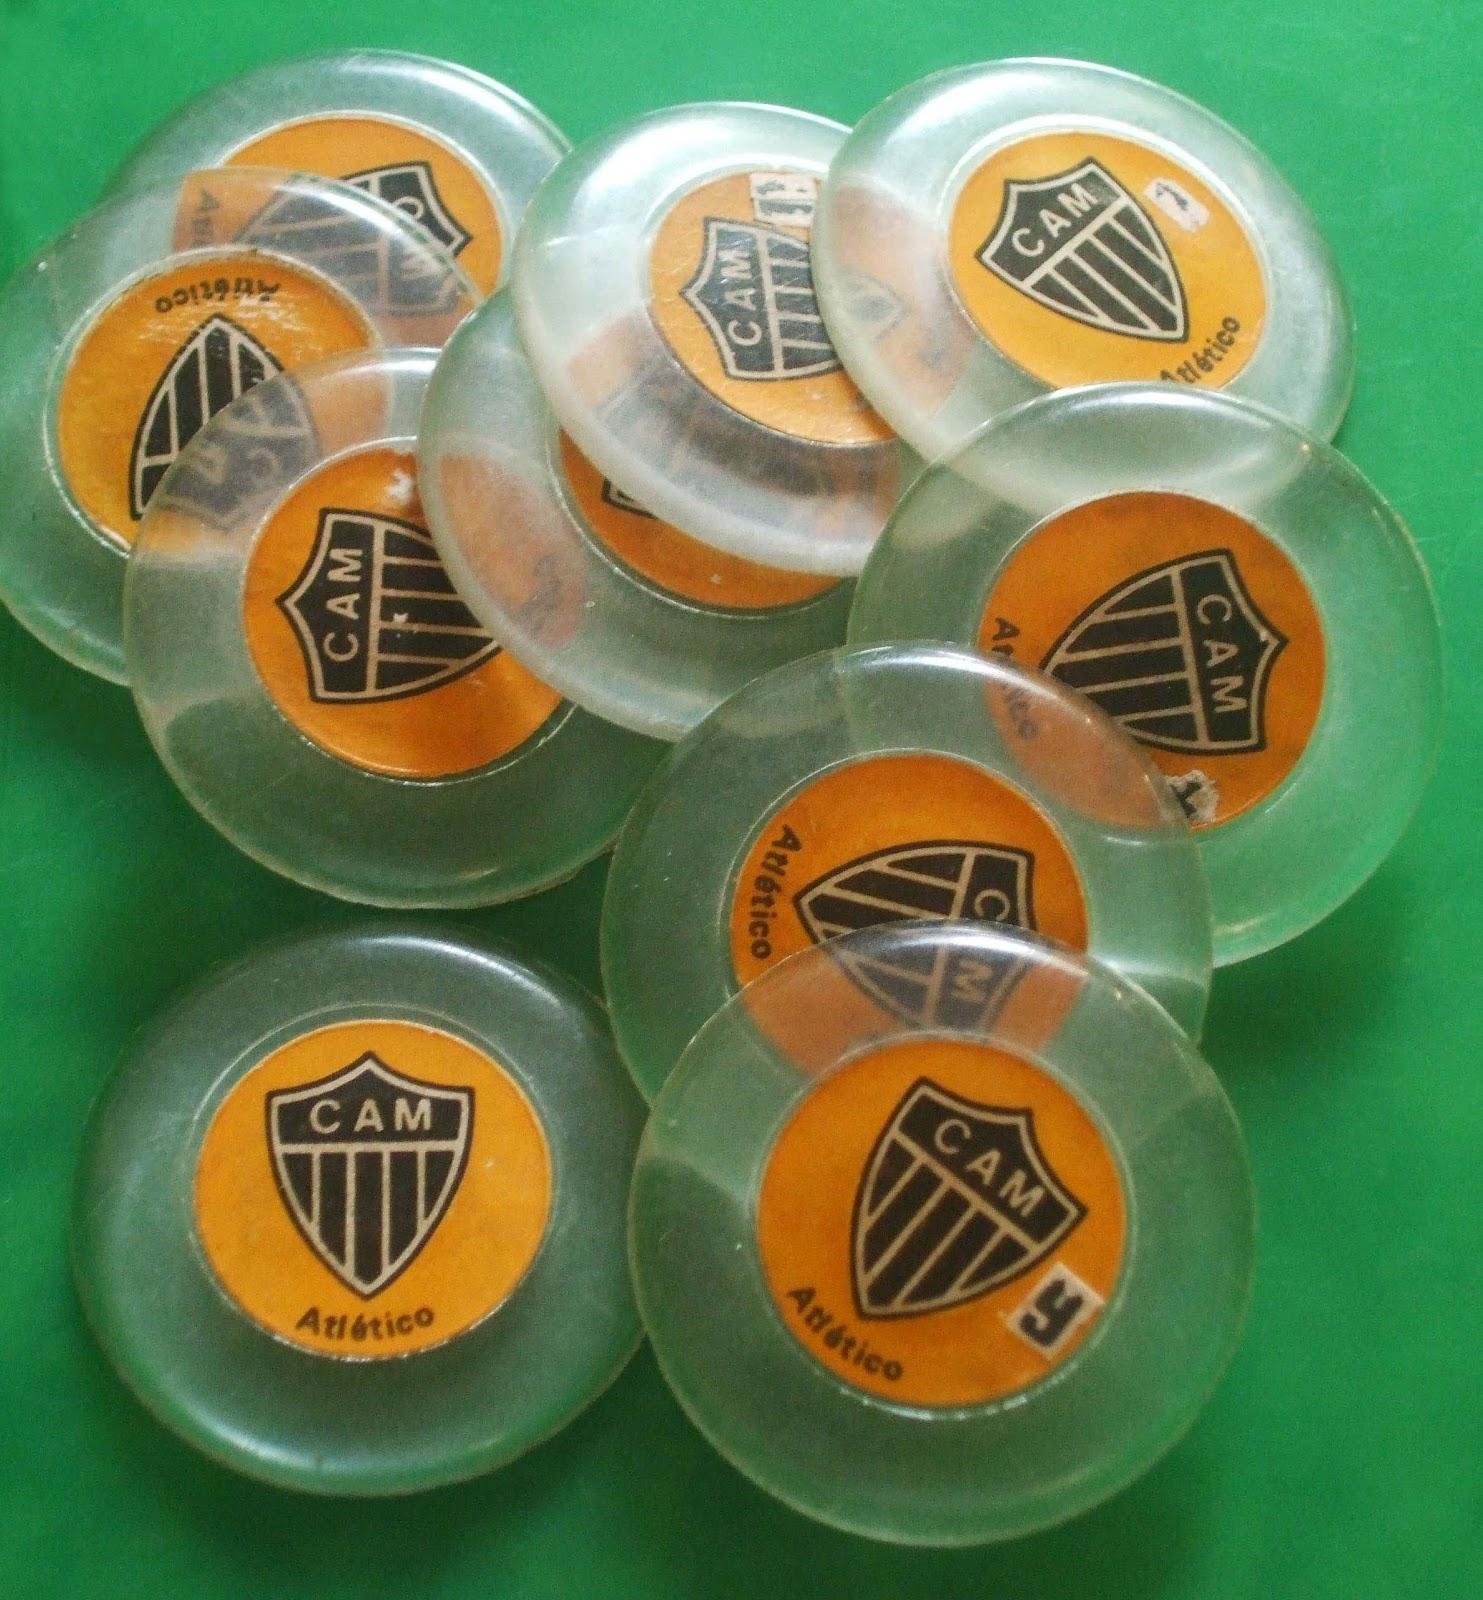 26392af9fffad Futebol de botão Gulliver Cristal  destaque para o 9 do artilheiro Reinaldo